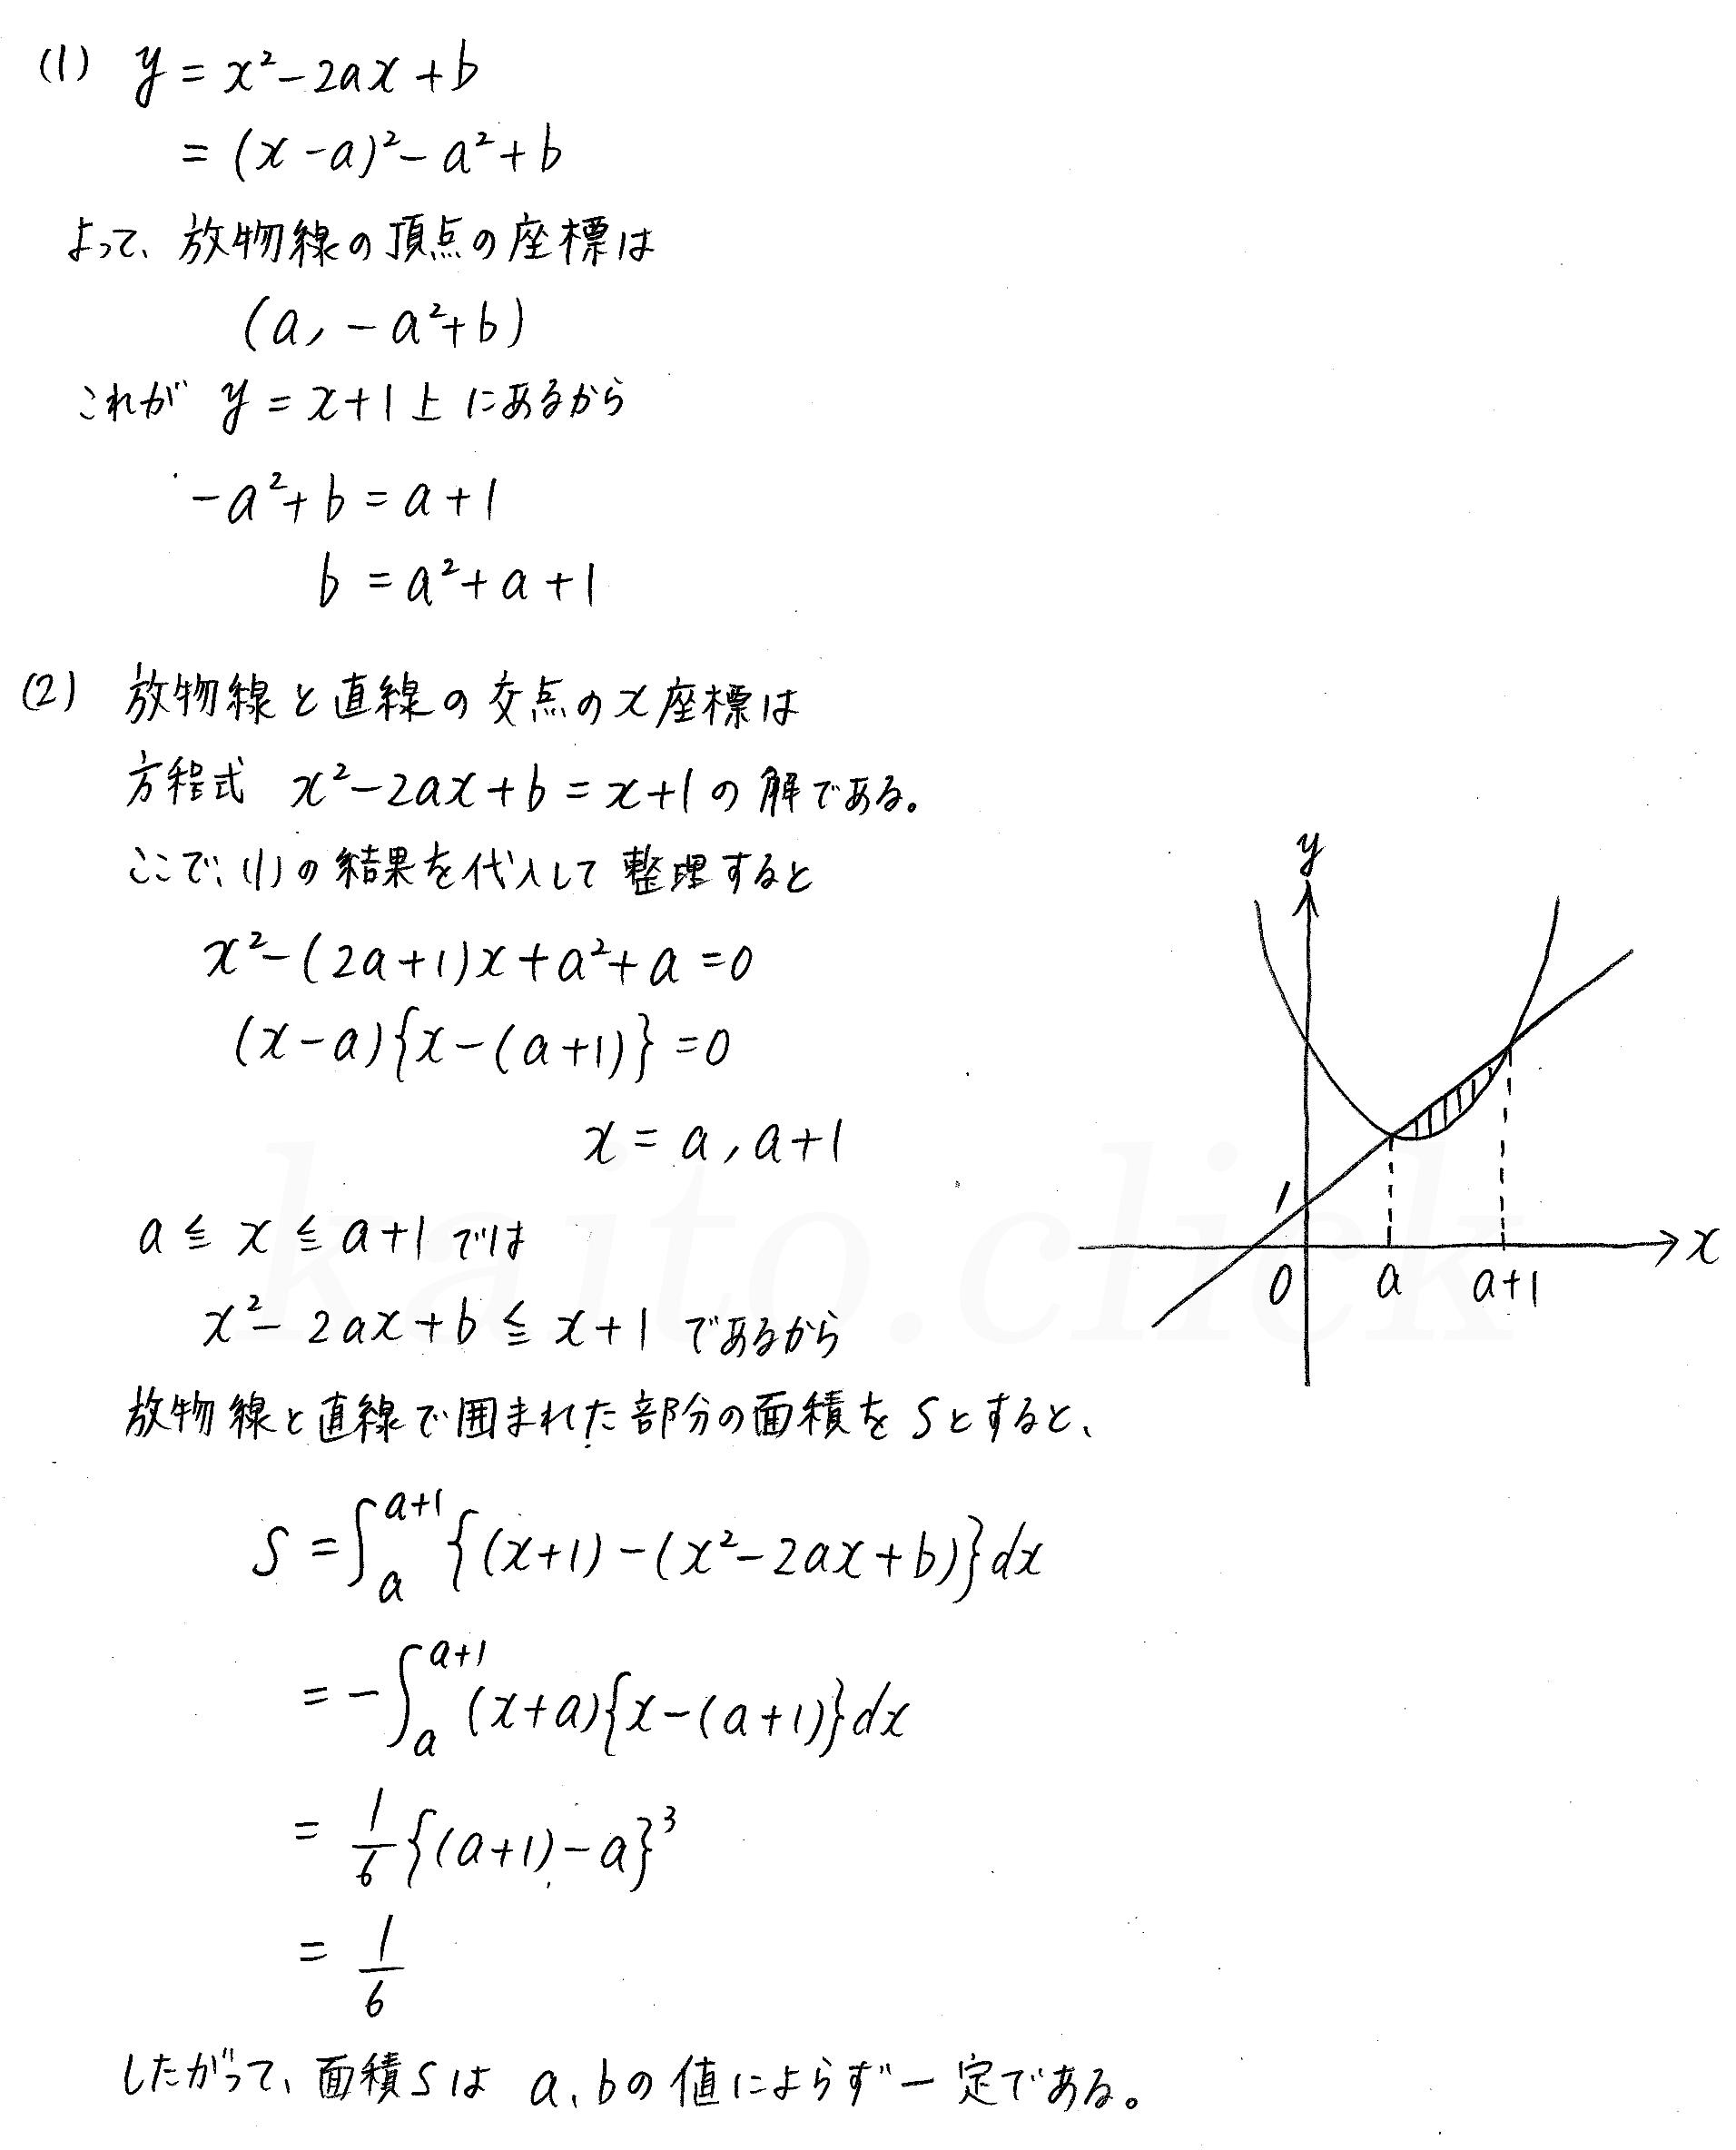 クリアー数学2-485解答